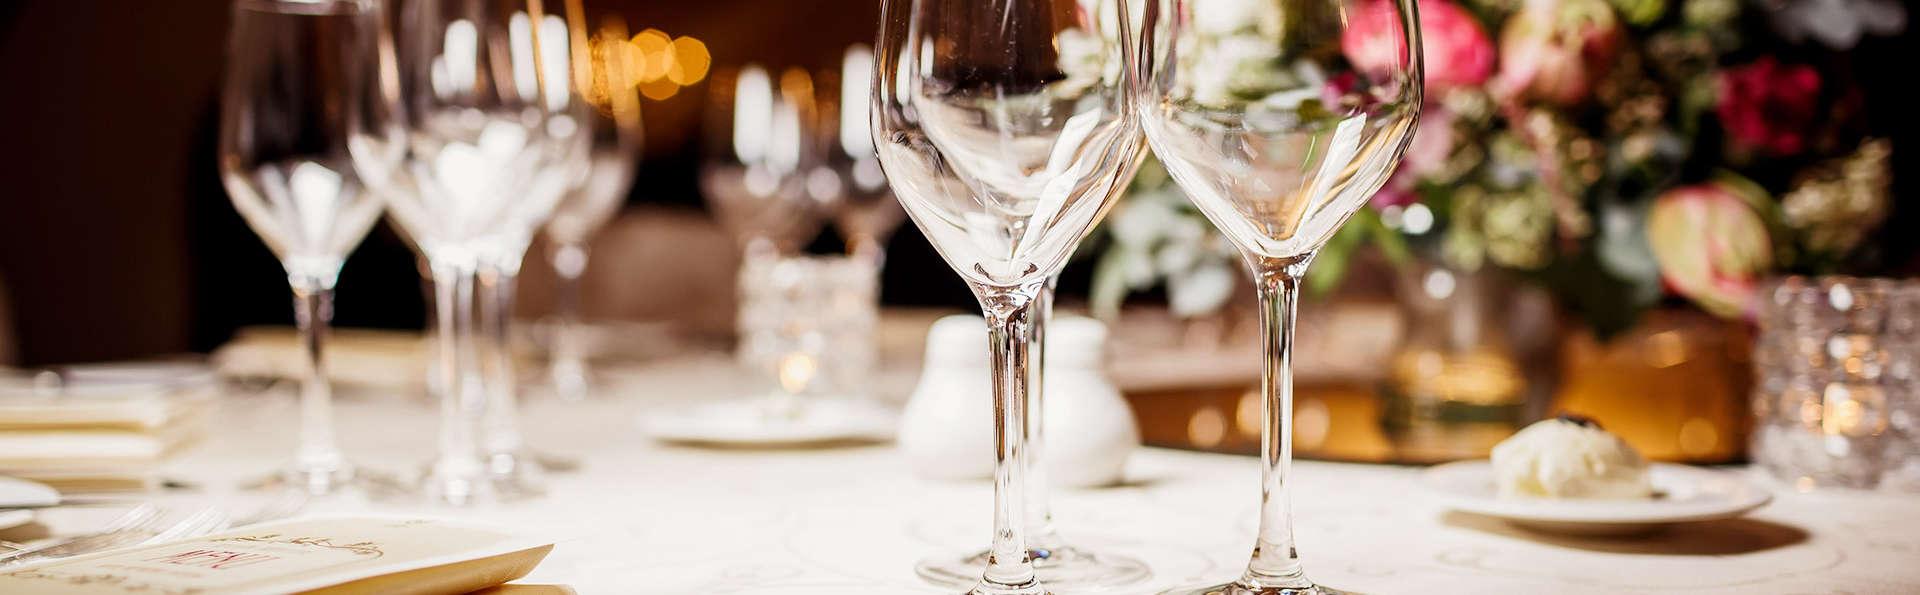 Savoure le luxe du bien-être et de la bonne table (à partir de 2 nuits)